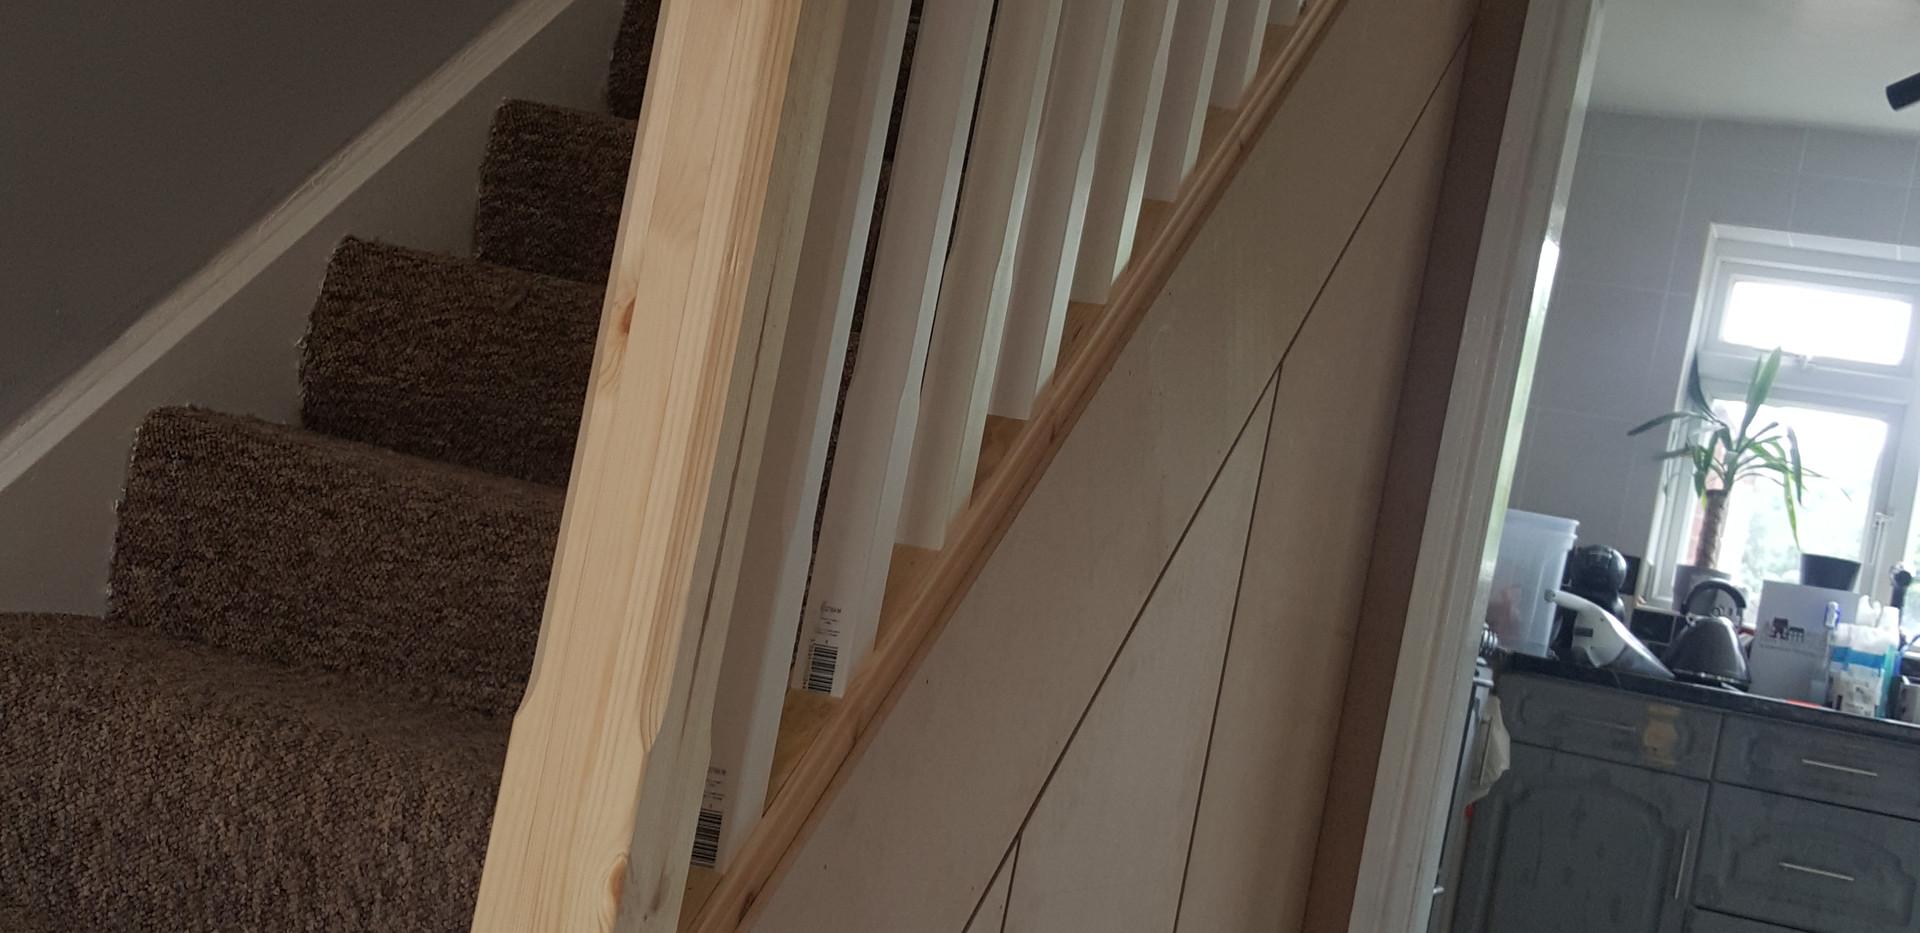 Stair case and under stair storage